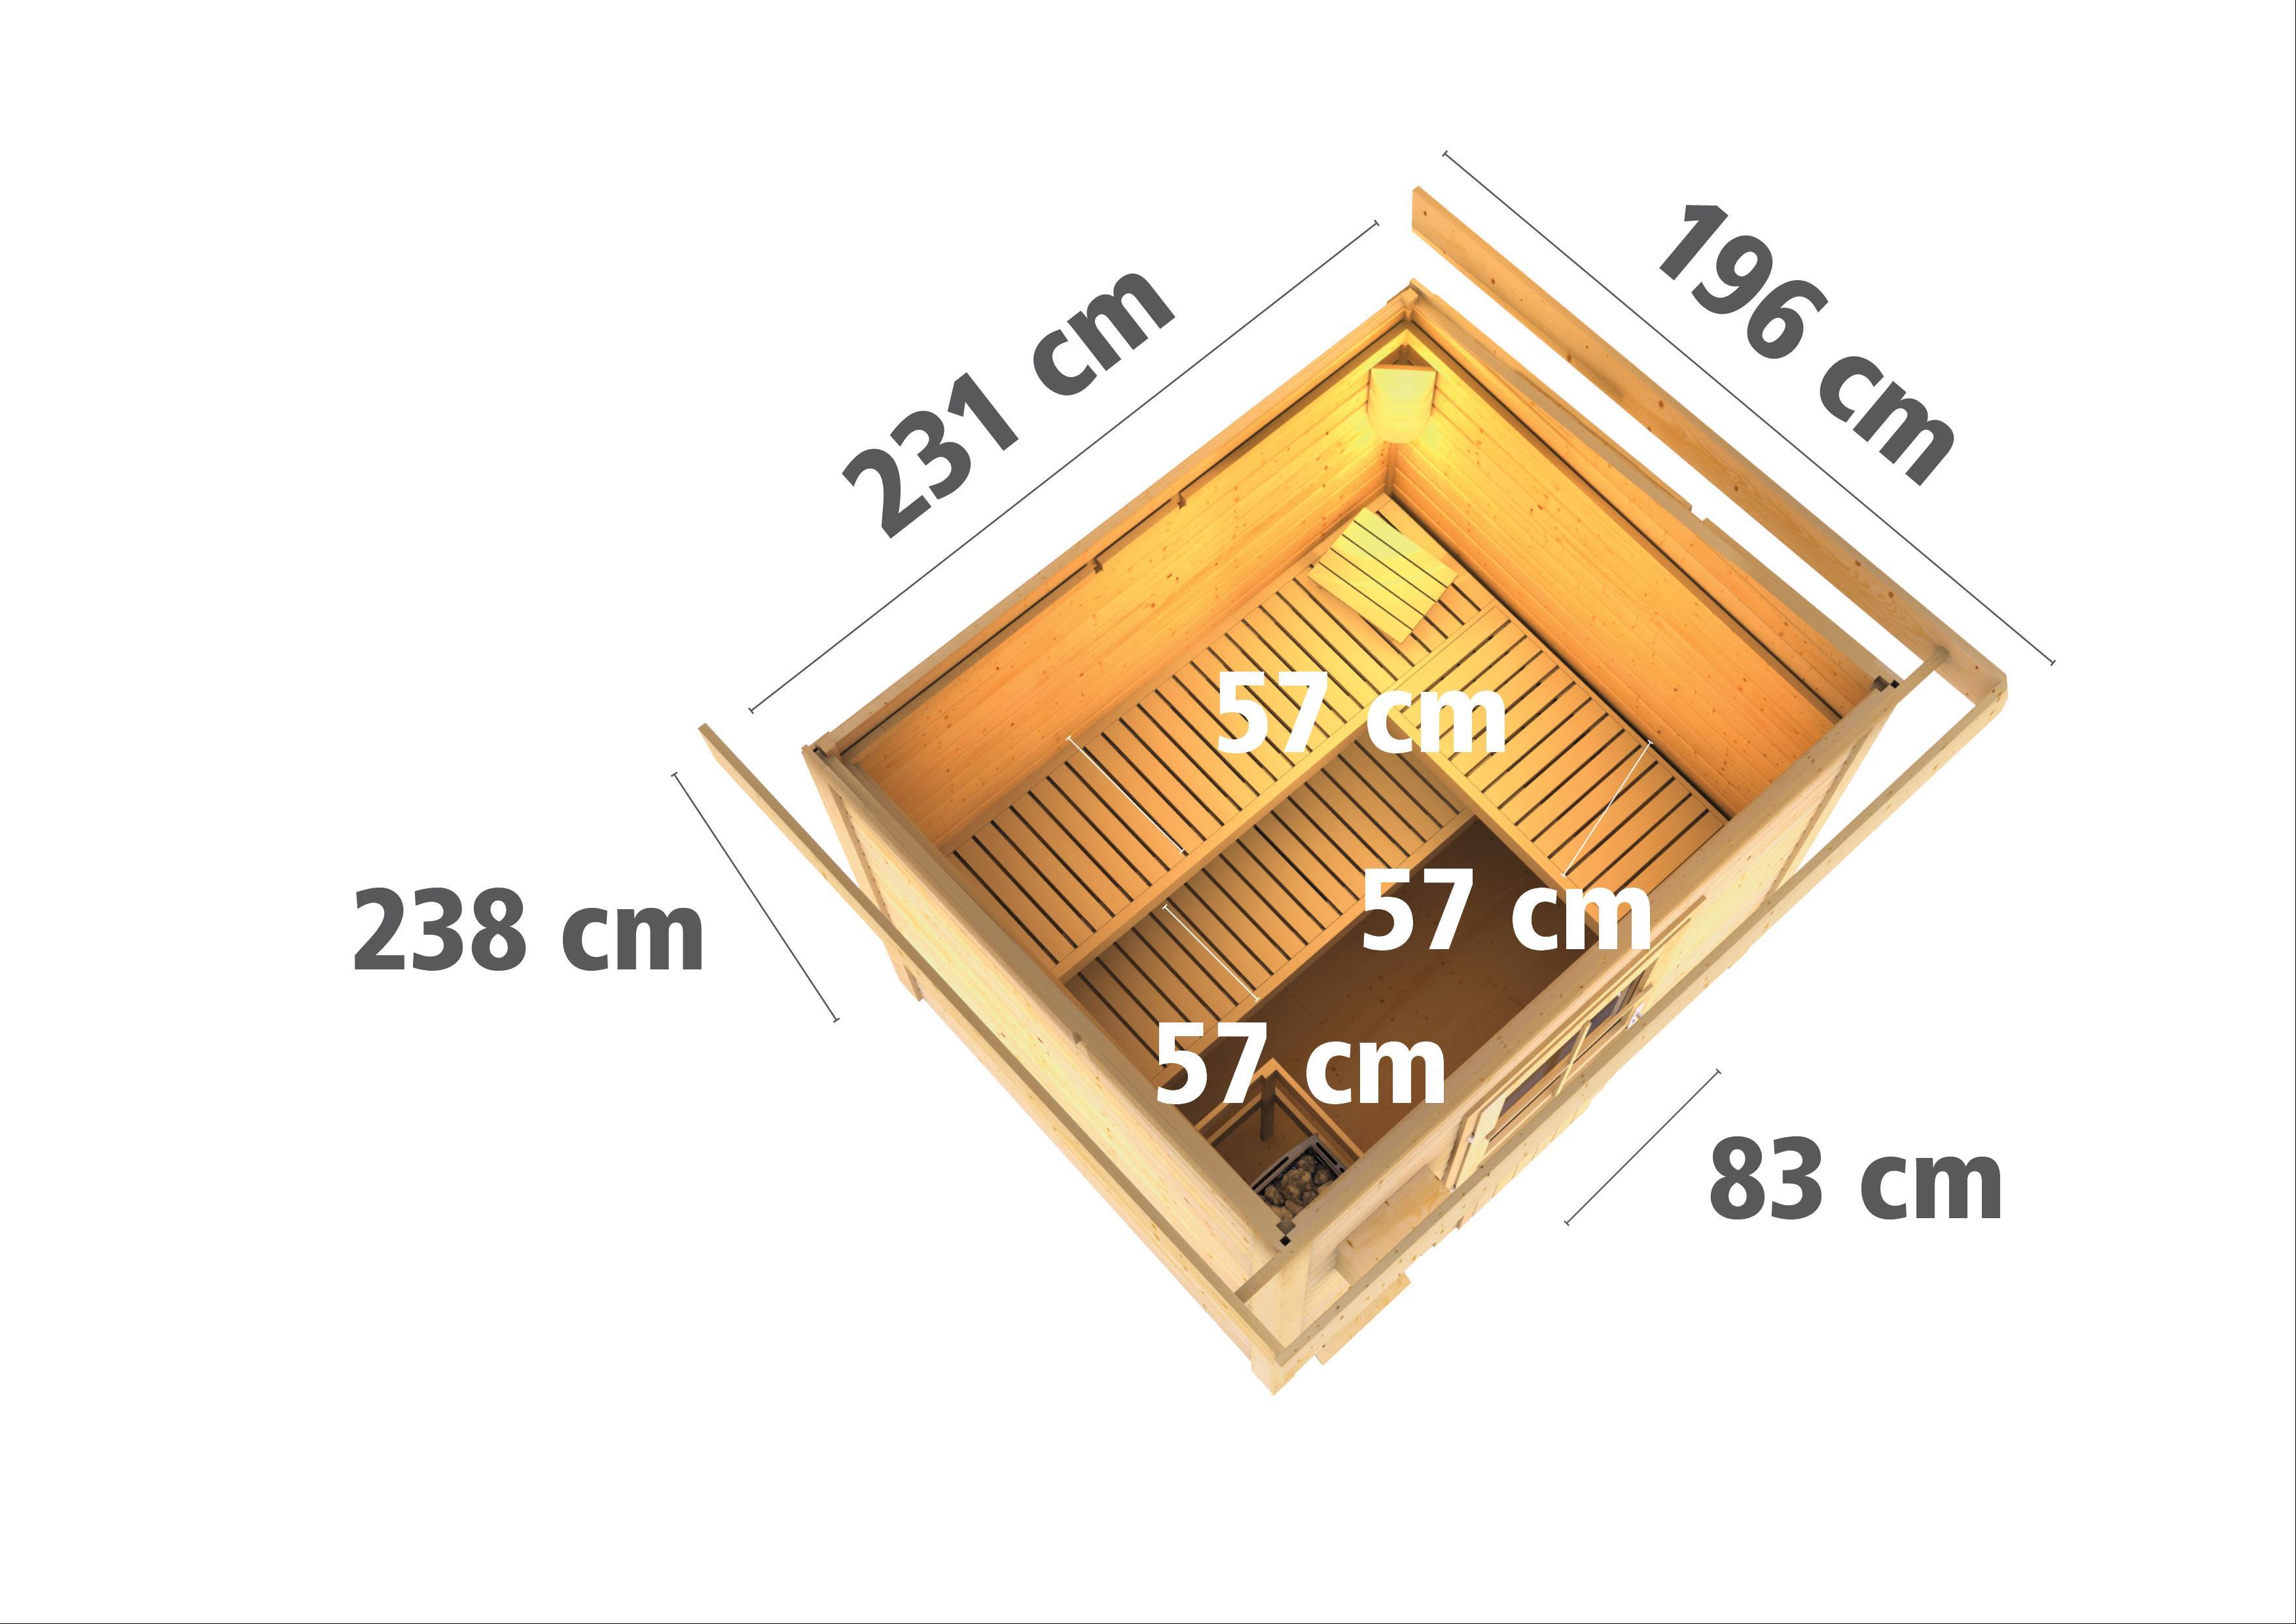 Gartensauna Karibu Saunahaus Norge 38mm Ofen 9kW int. Tür Milchglas Bild 3